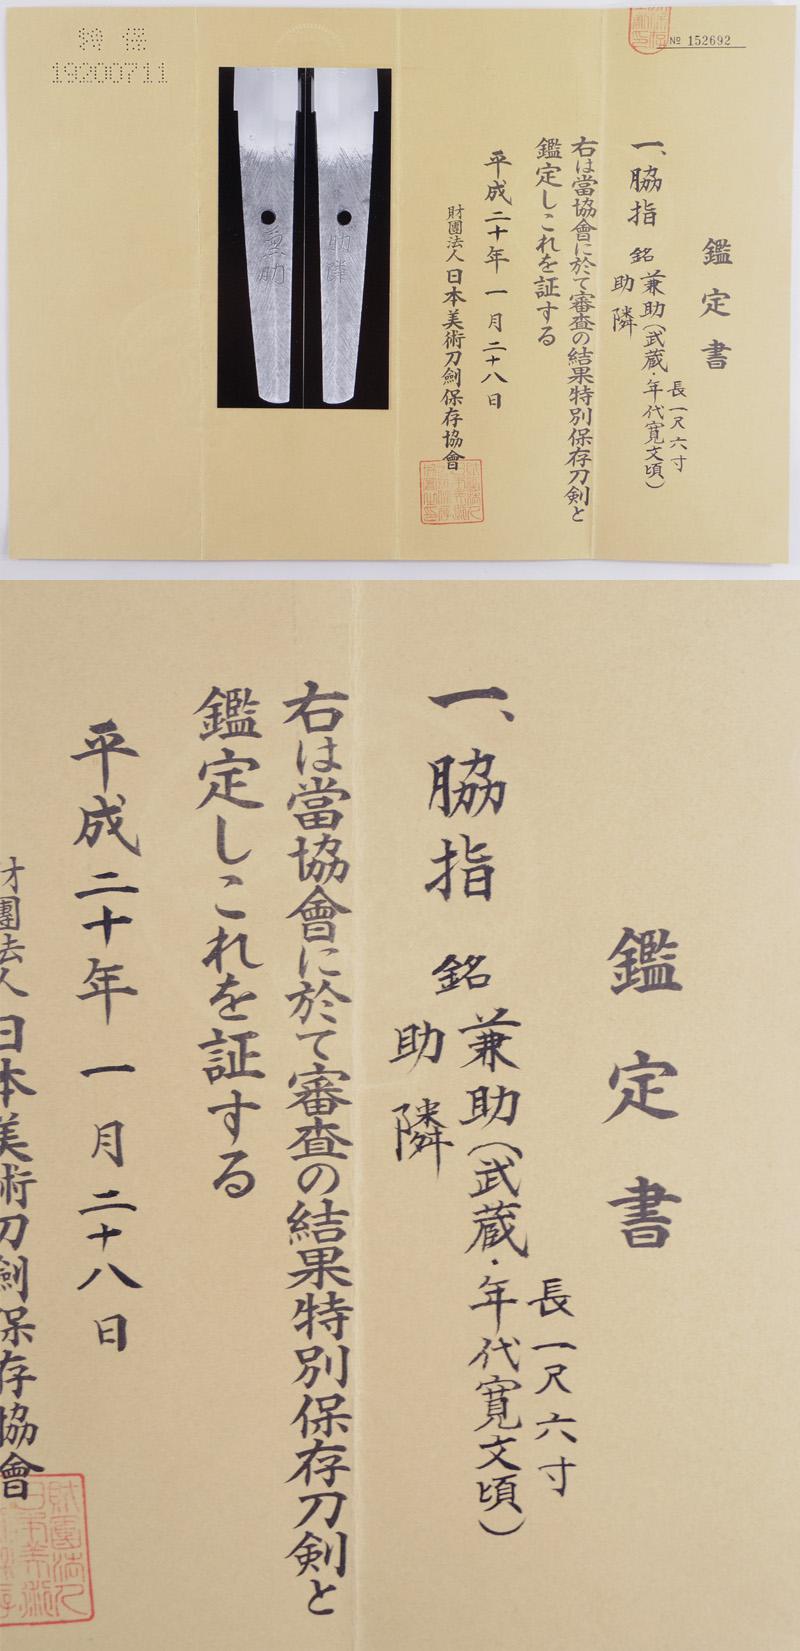 脇差 兼助 (合作) (武蔵・年代寛文頃)    助隣 Picture of Certificate